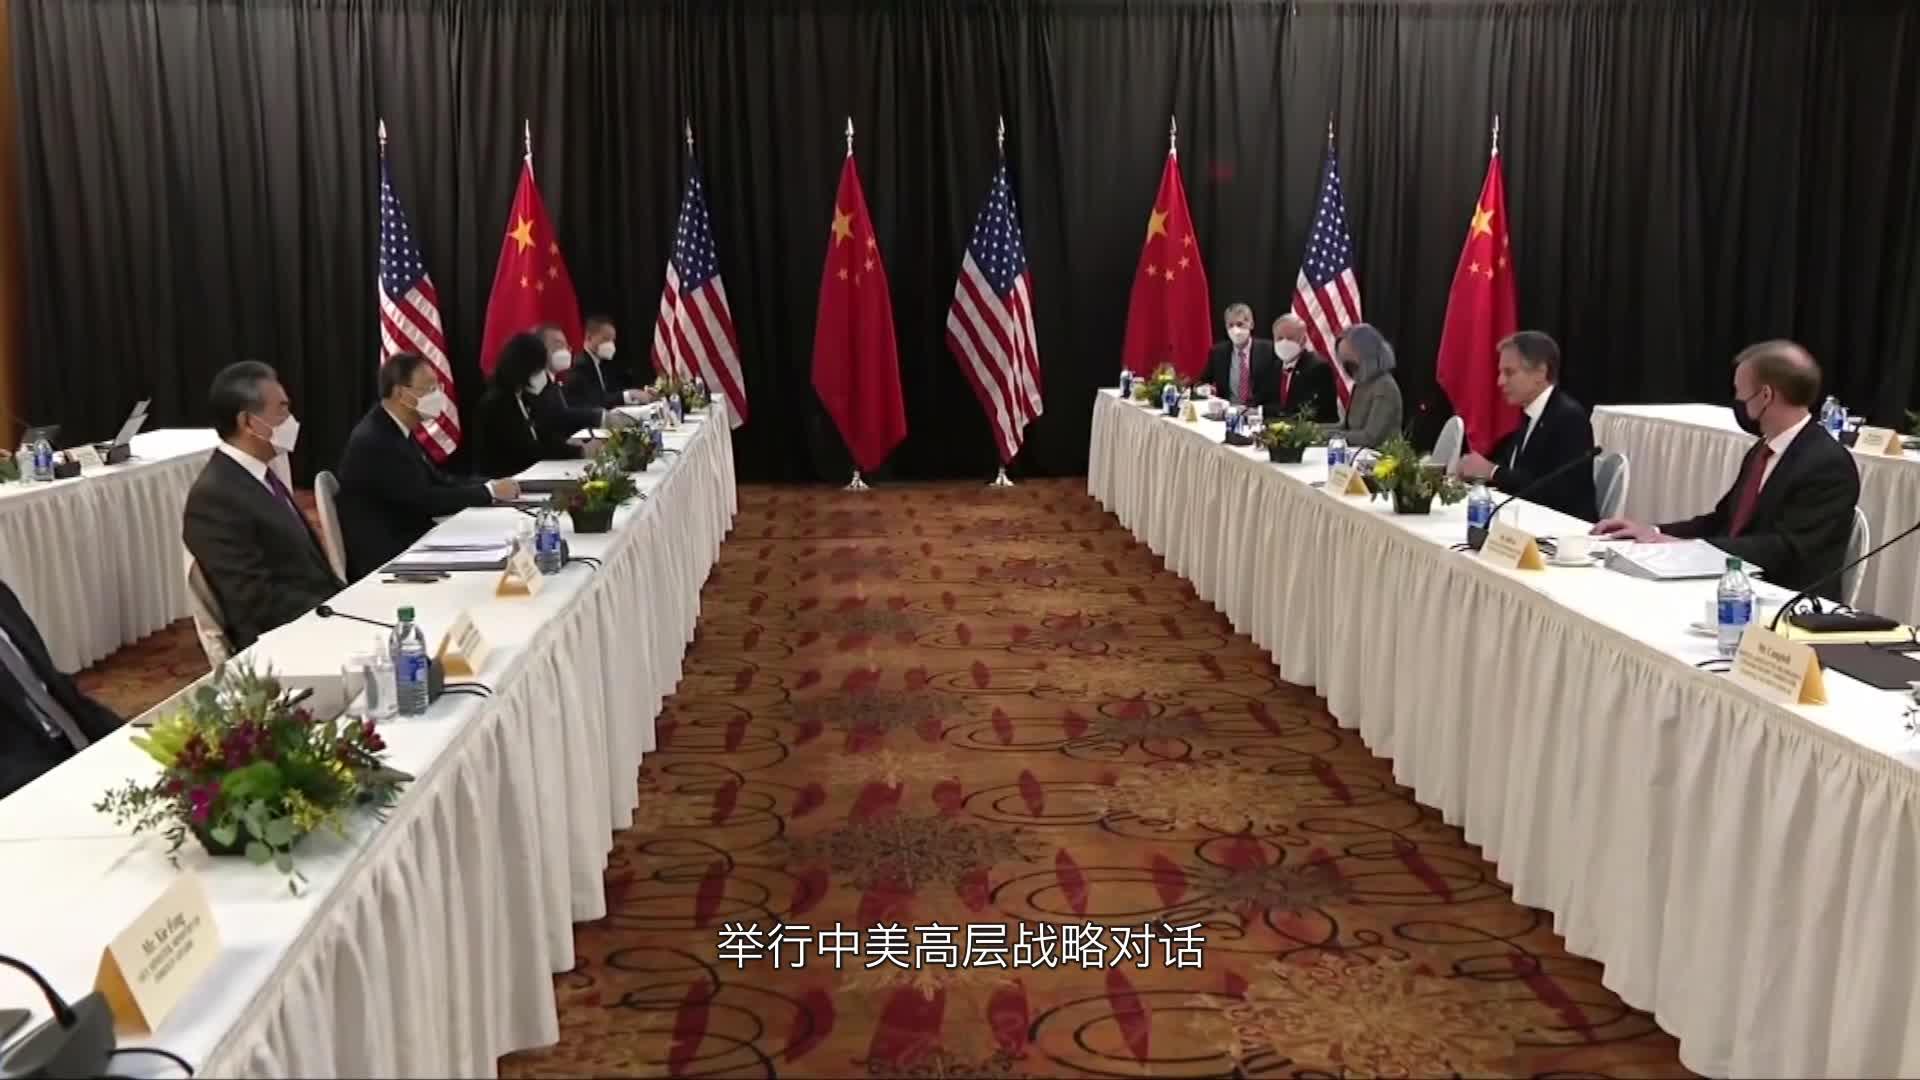 汾酒·凤凰军机处|合作共赢!中美高层战略对话里的中国法则